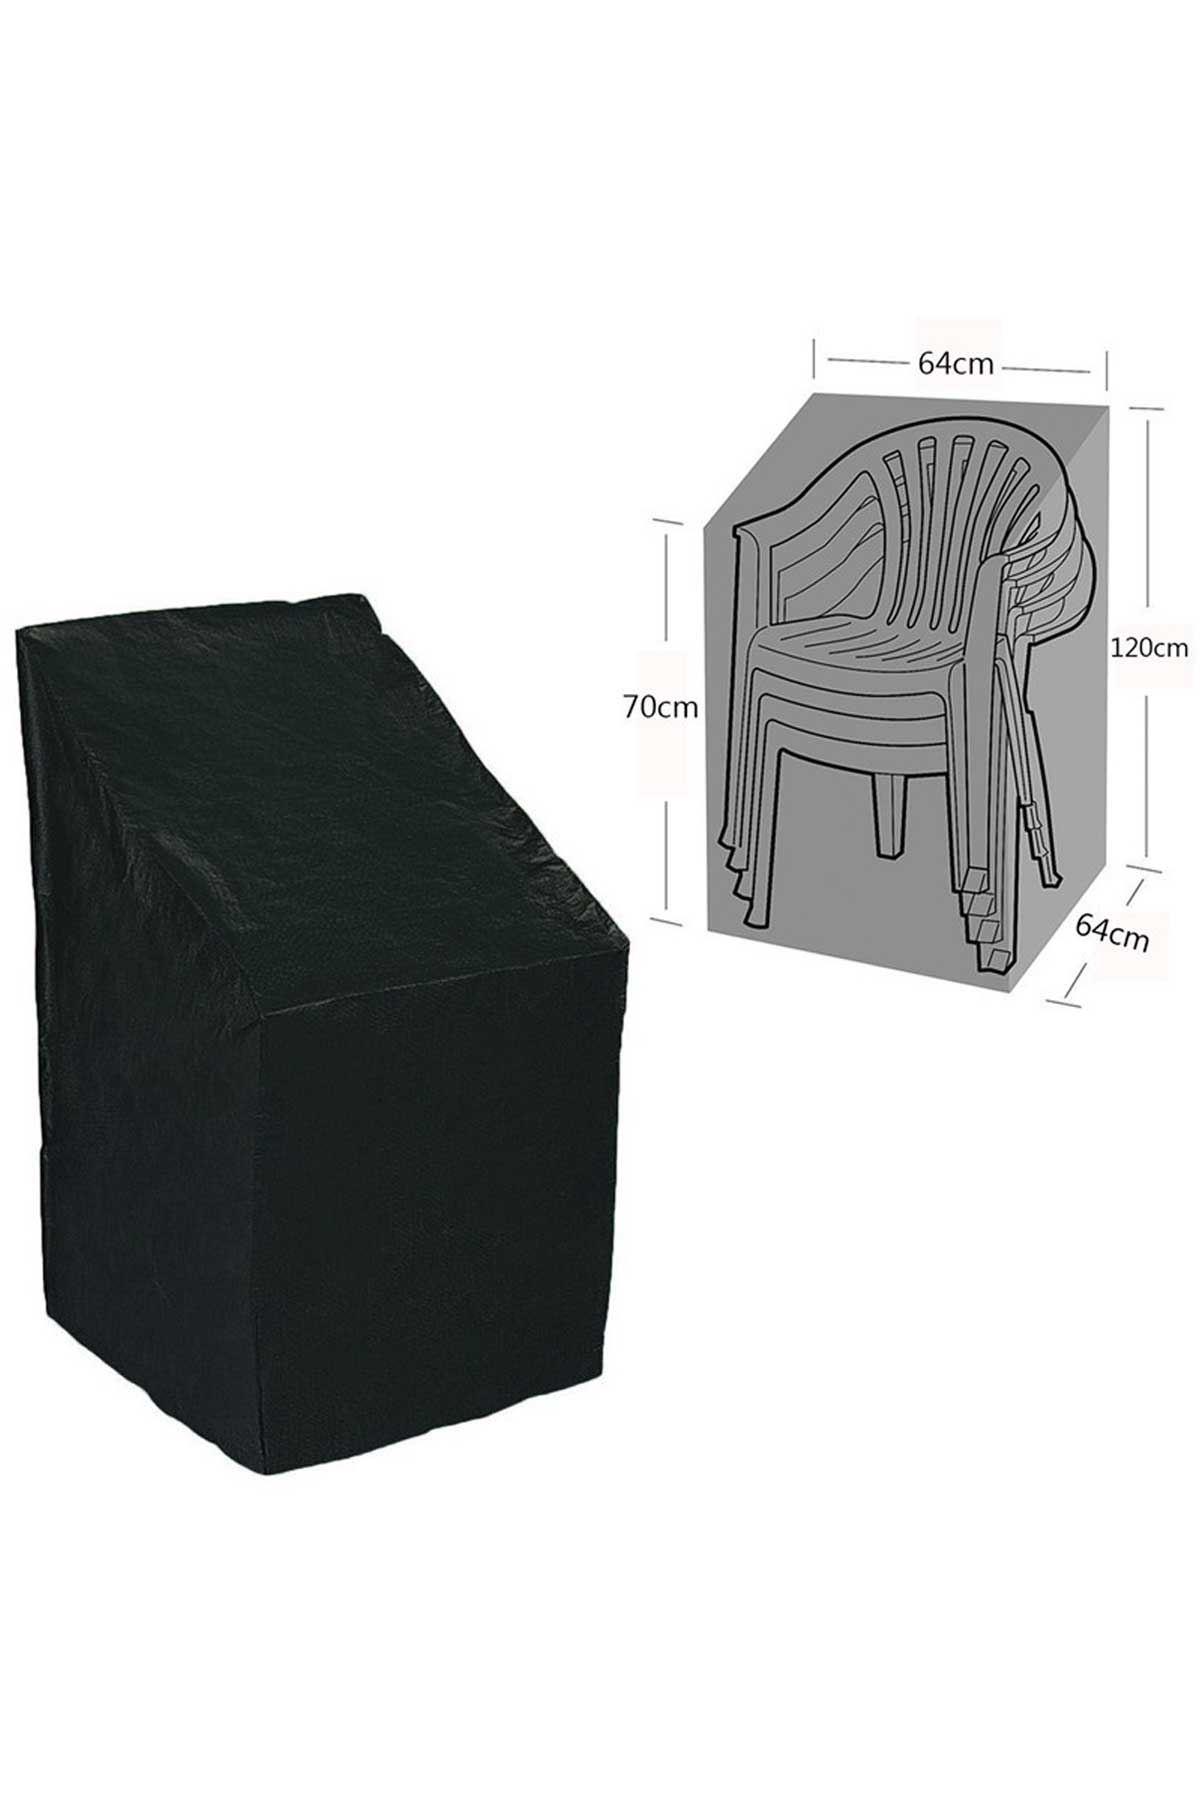 Siyah Bahçe Sandalye İstif Koruma Örtüsü